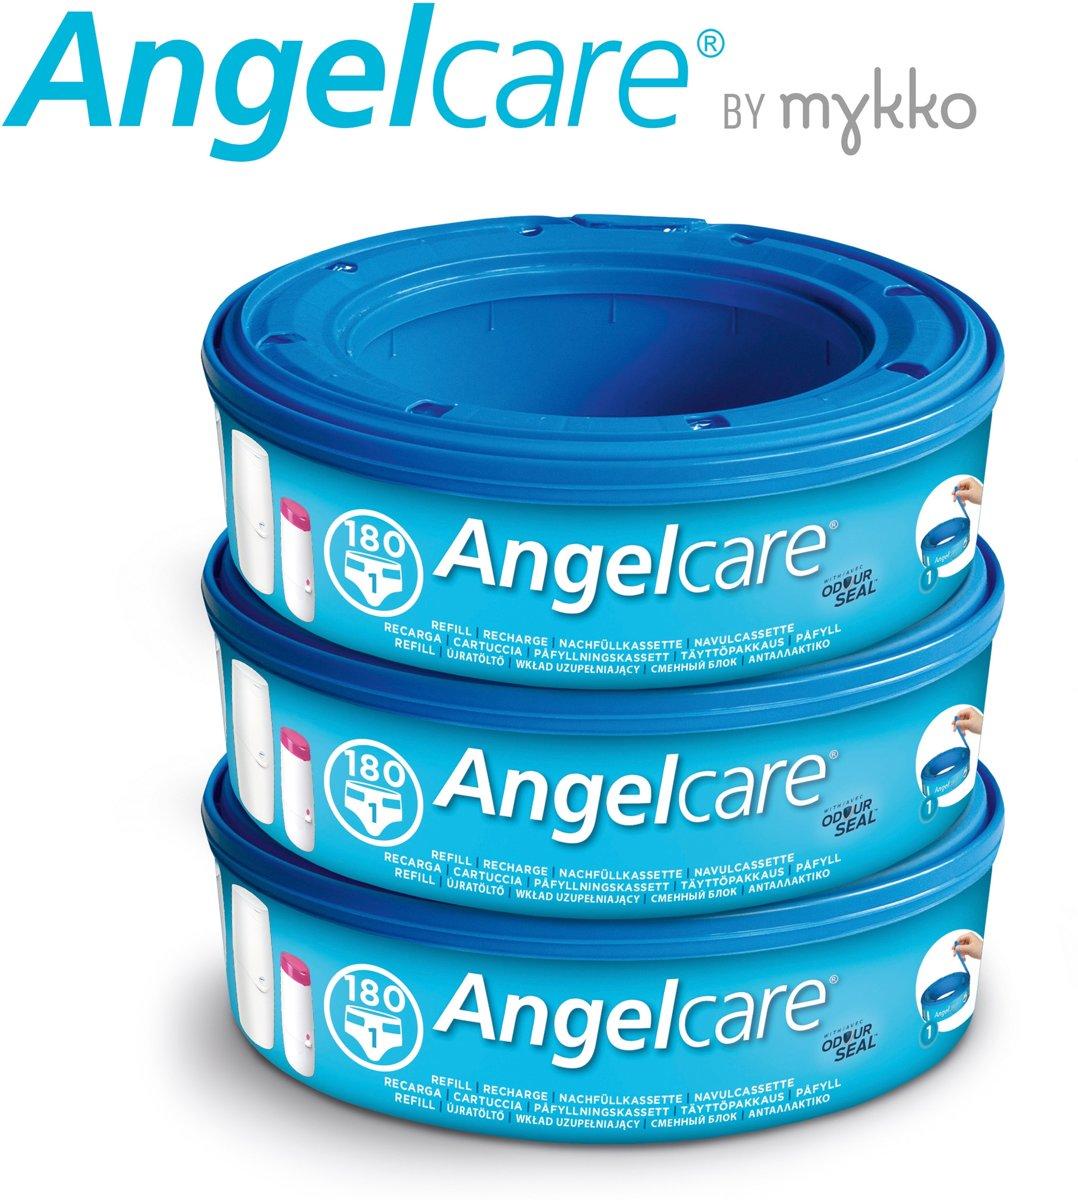 Foto van Angelcare navulcassettes 3-pack